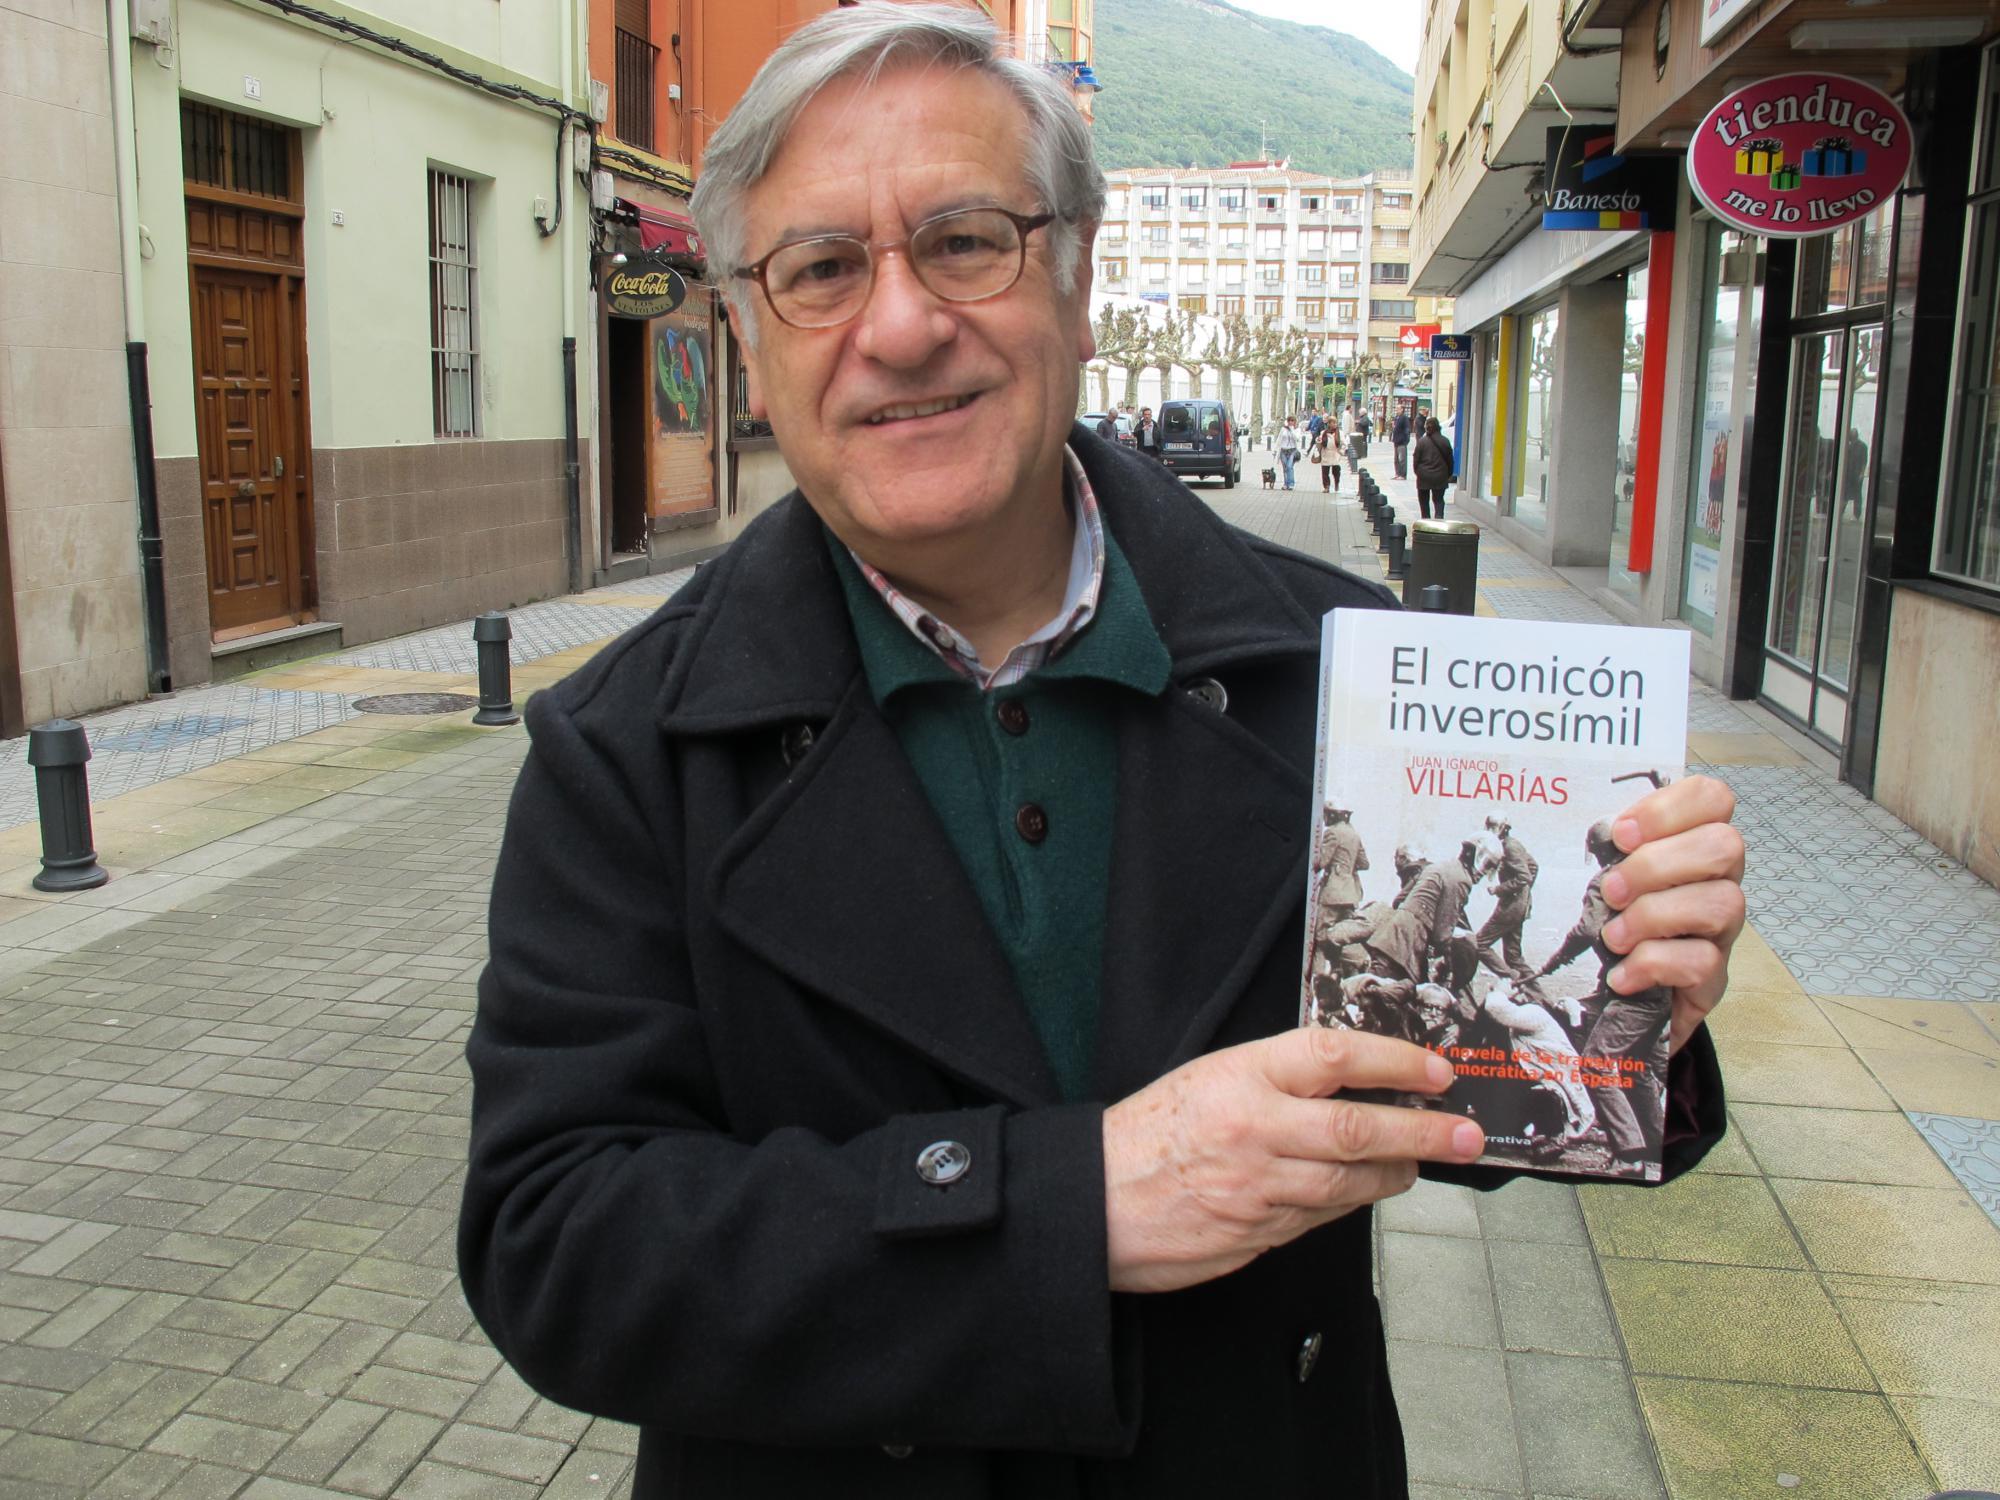 Entrevista a Juan Ignacio Villarías, autor de